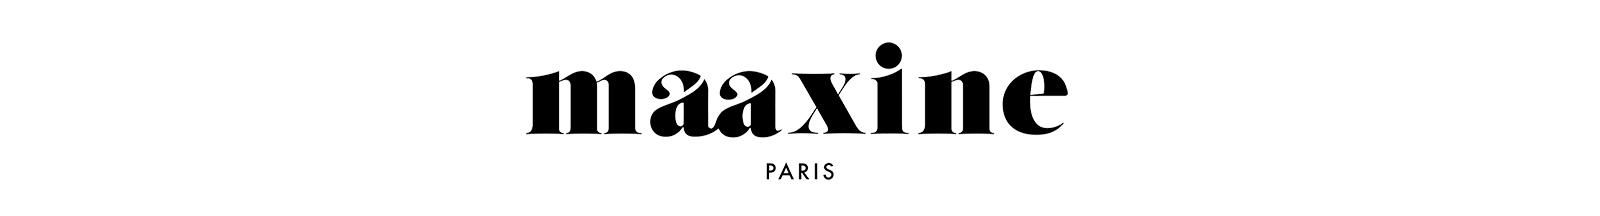 Bande-logo-Maaxine